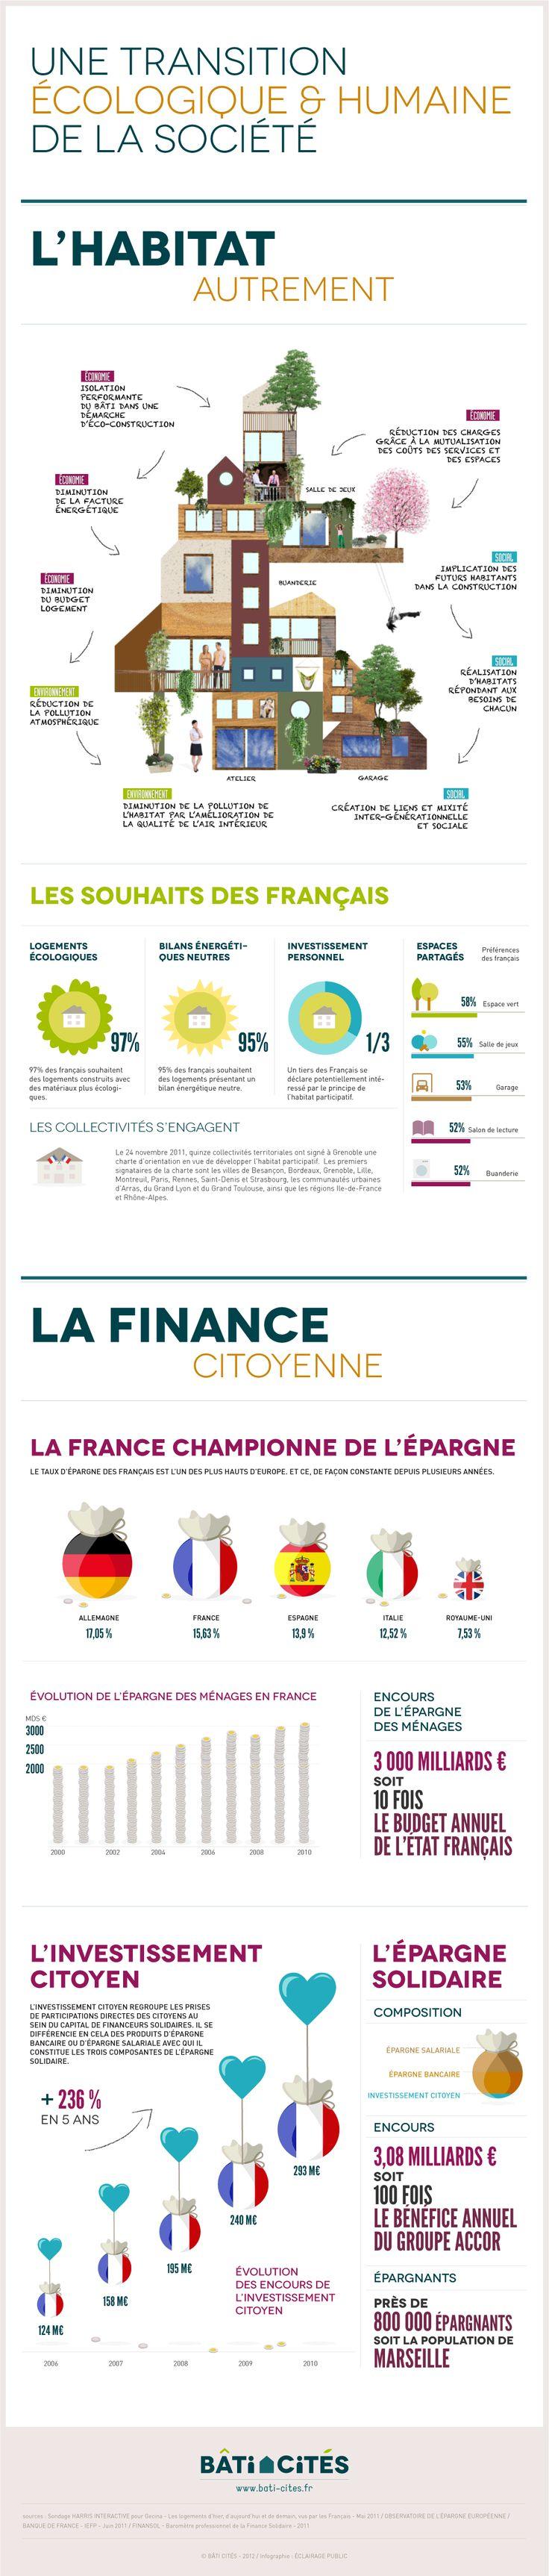 Thèmes AP: Sciences/technologies et Défis mondiaux - Logement écologique et humain.http://www.bati-cites.fr/bati-cites/infographie